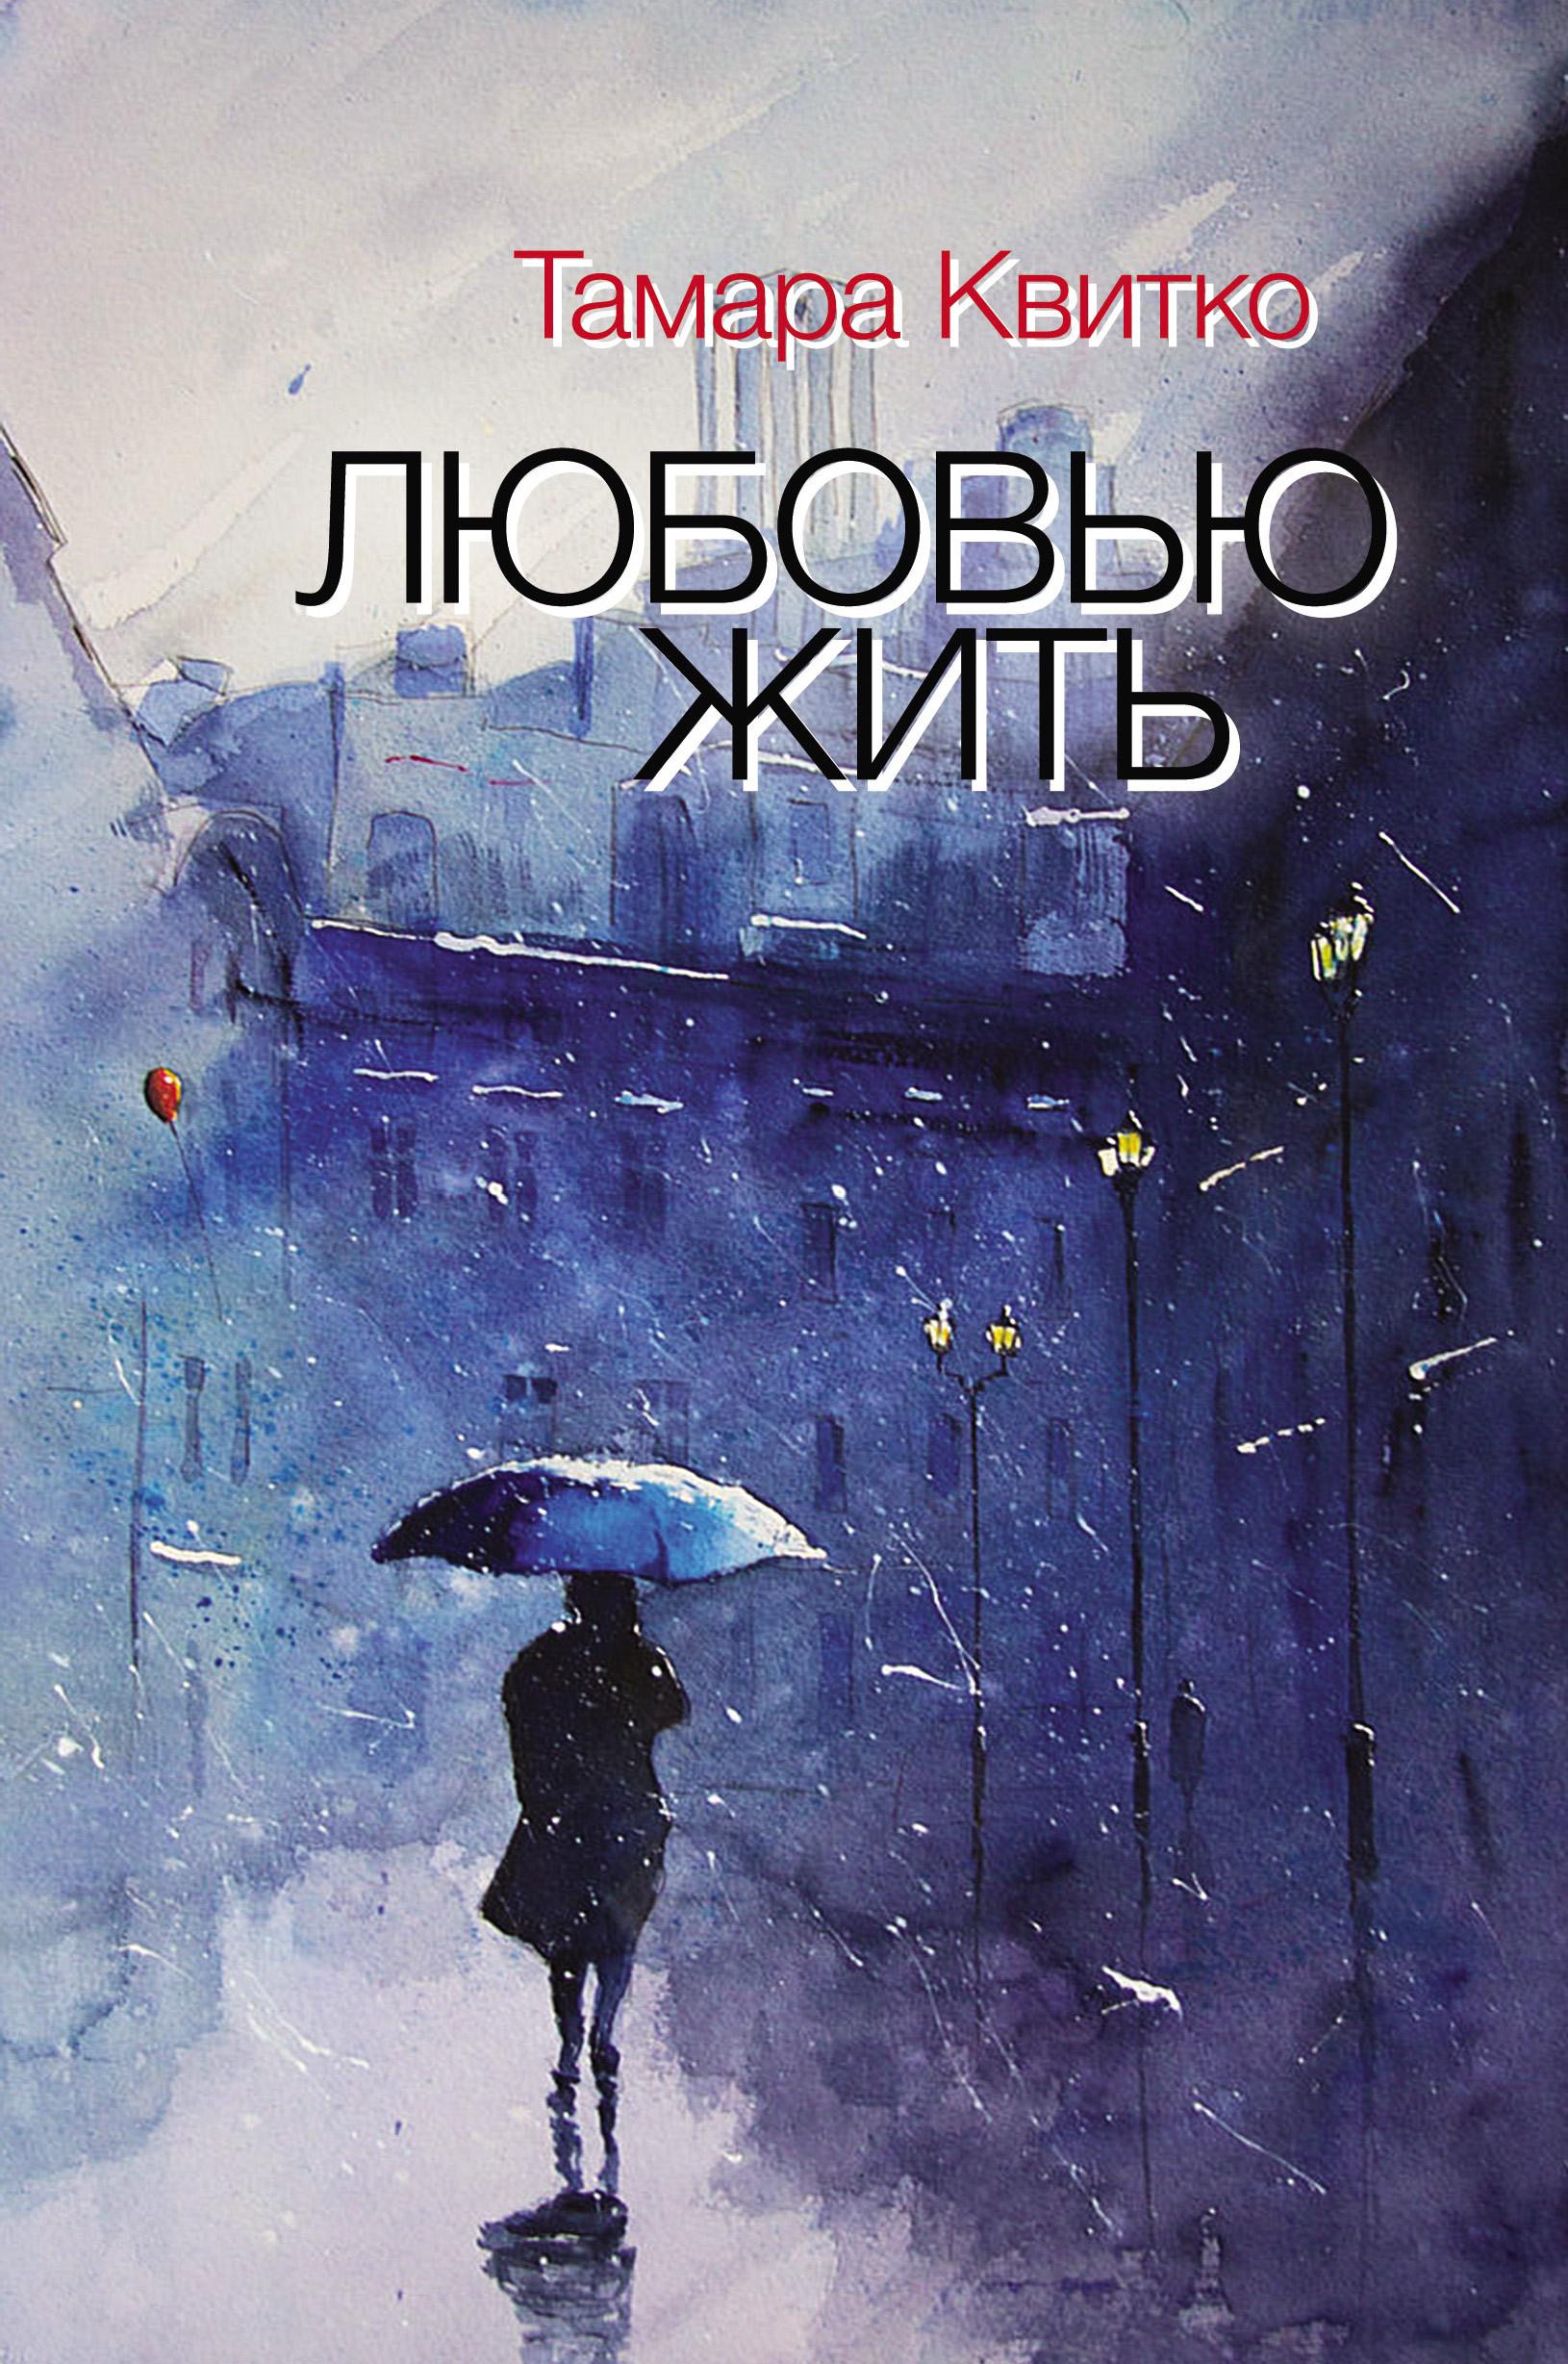 цены Тамара Квитко Любовью жить (сборник)